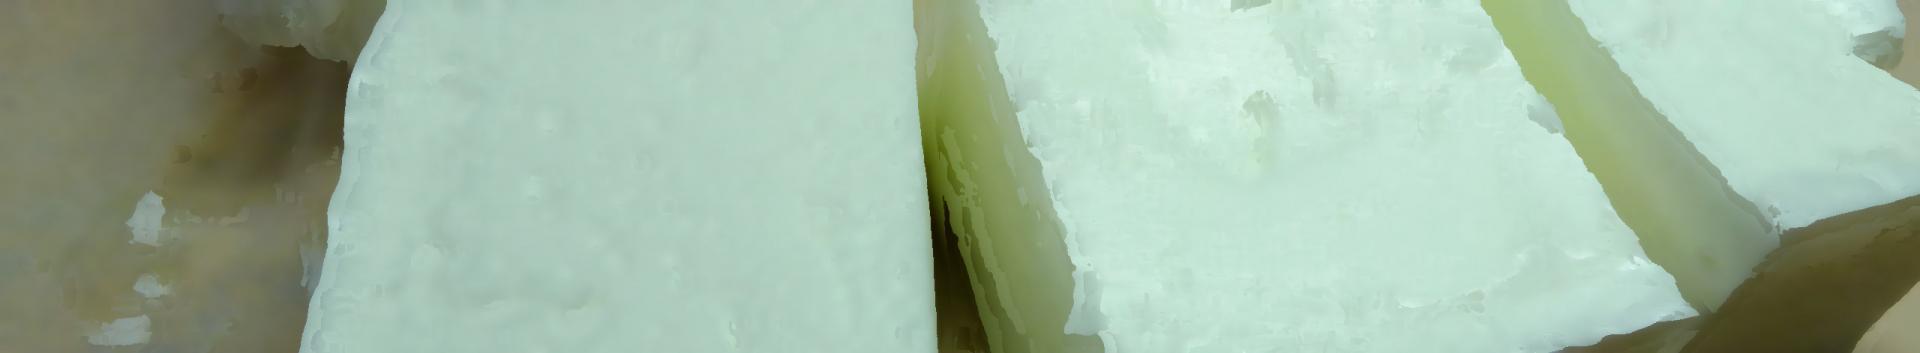 Blancs d oeufs cuit four micro ondes 2